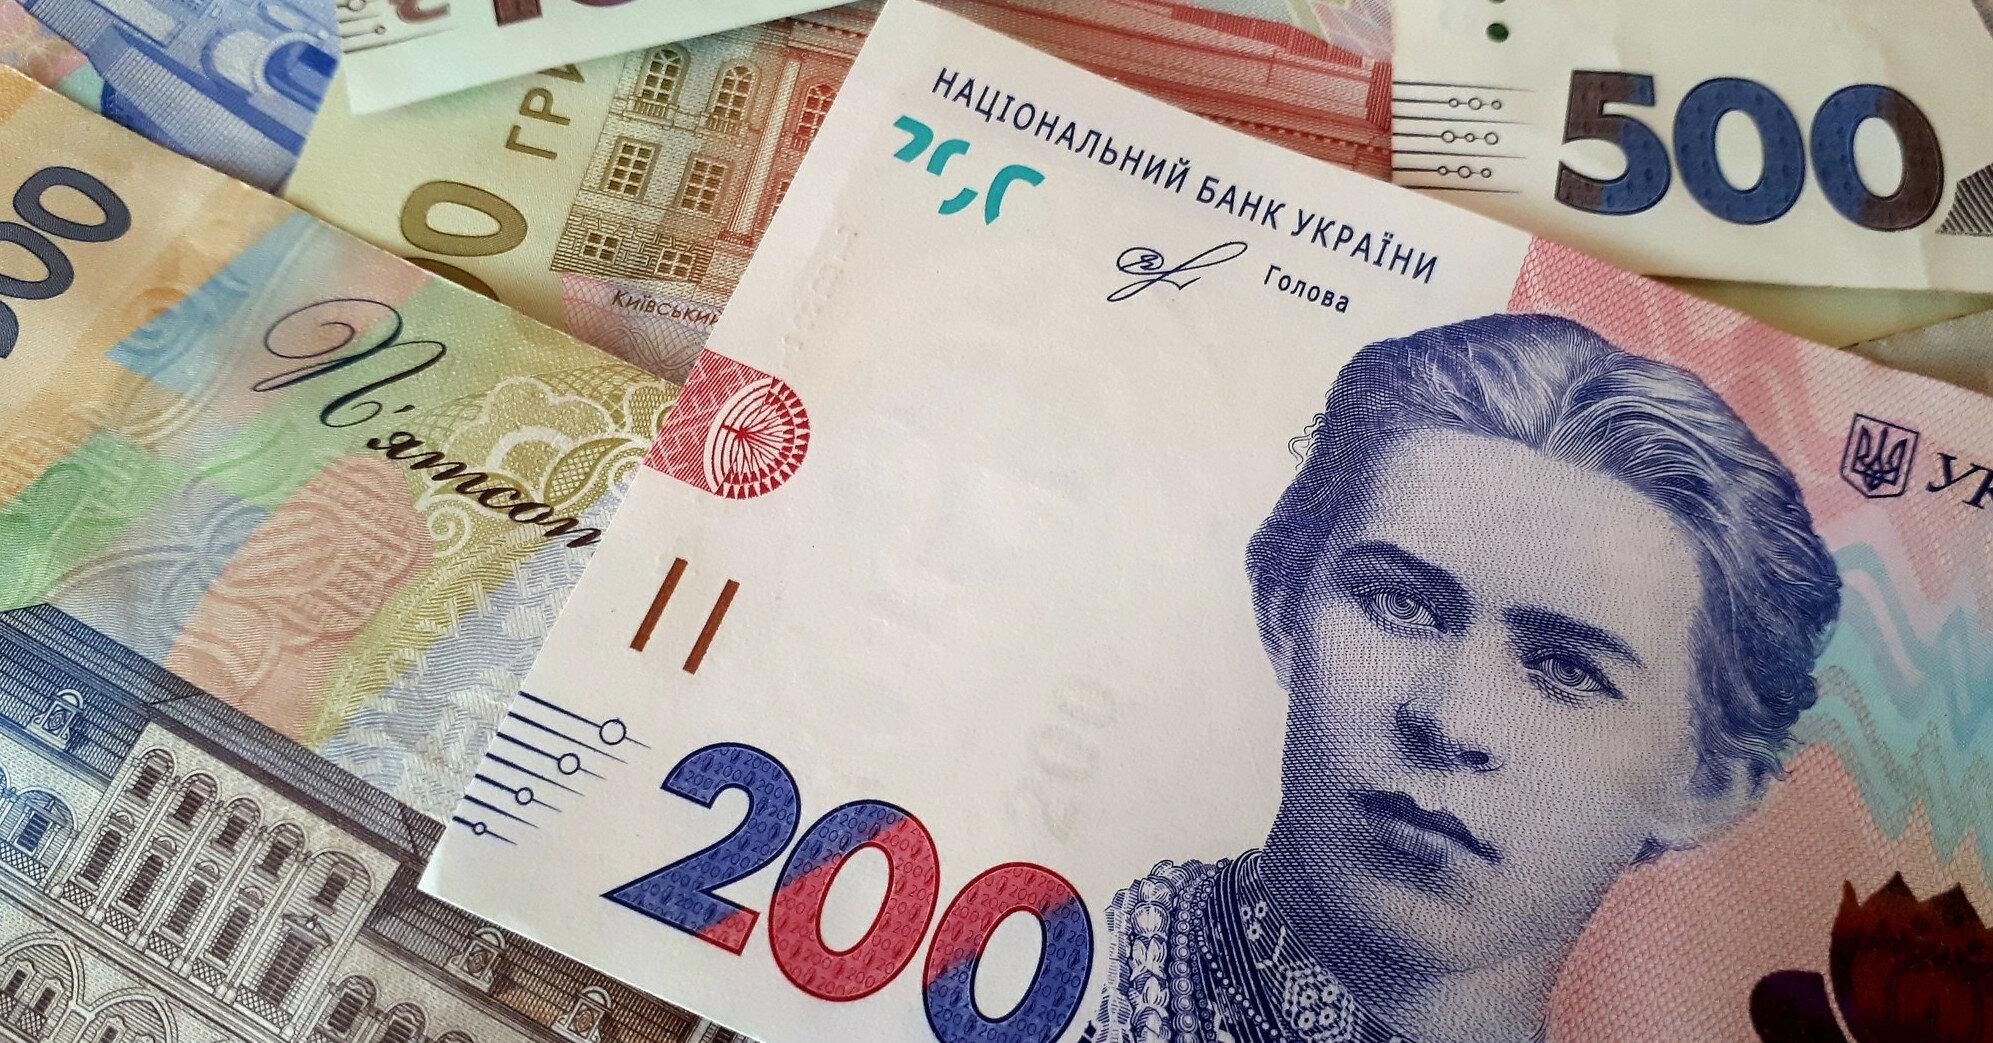 Украинская экономика начала восстанавливаться после коронакризиса